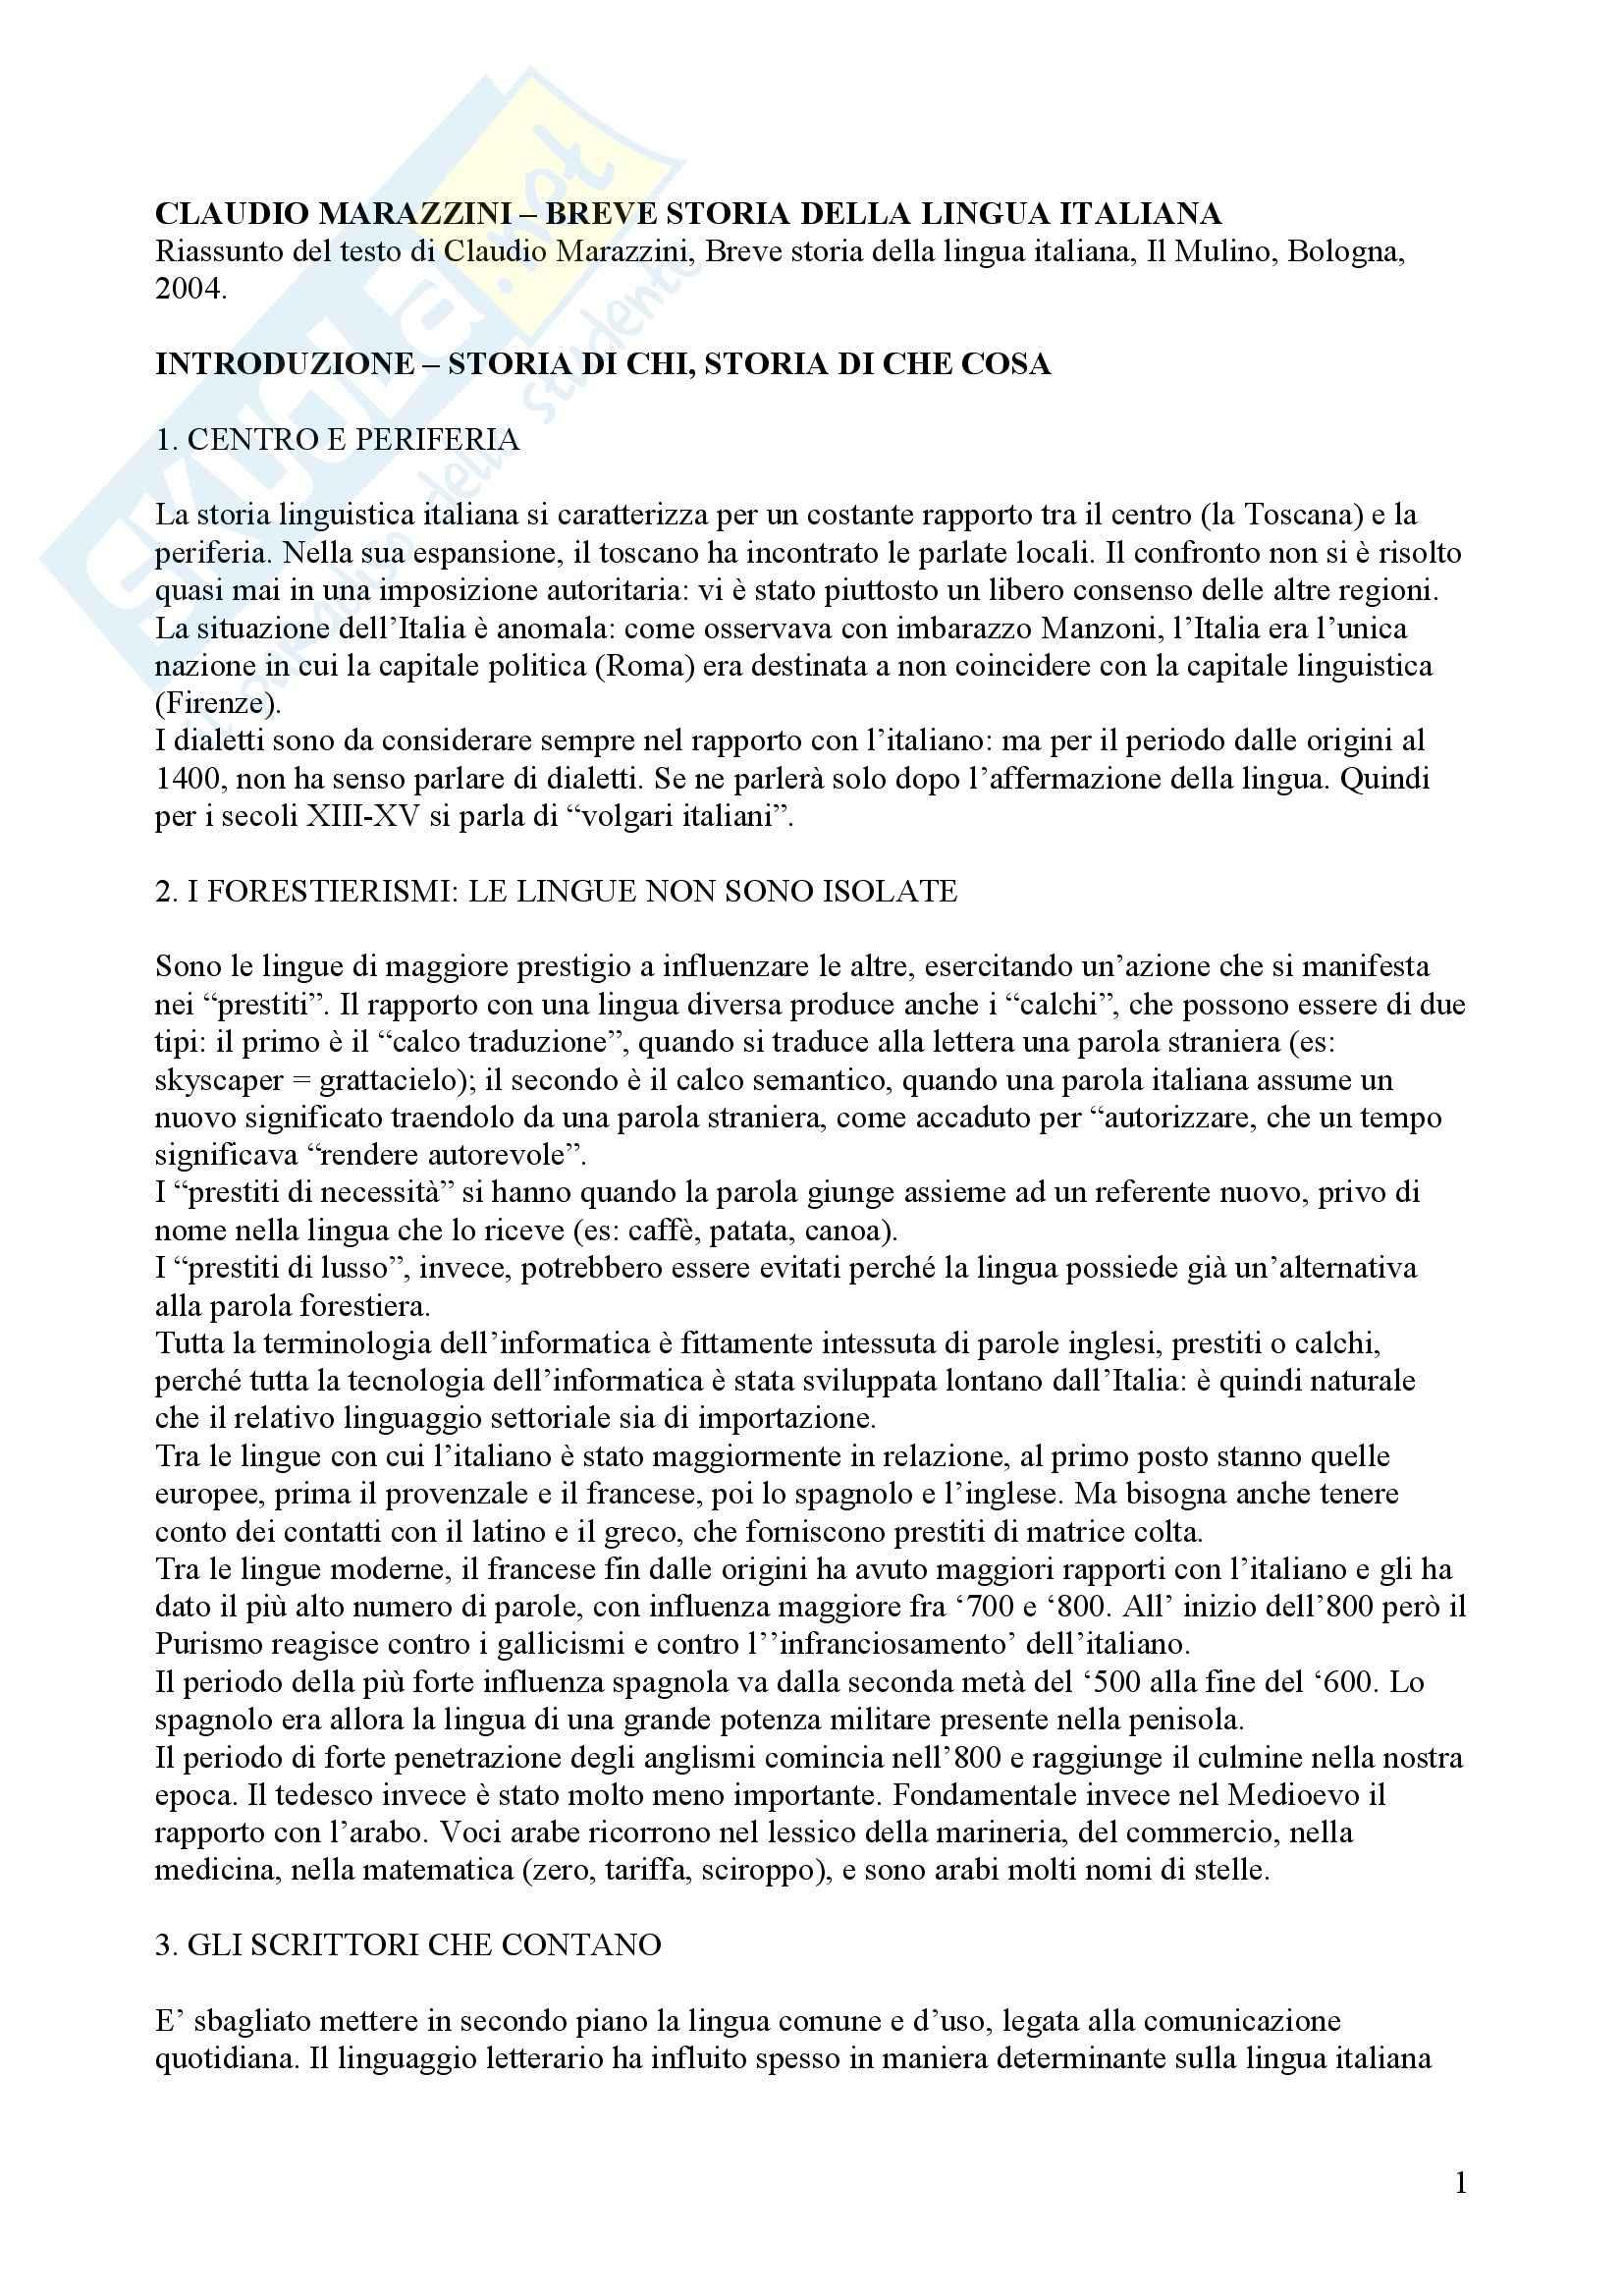 Tecniche espressive e composizione testi in italiano - Claudio Marazzini - breve storia della lingua italiana